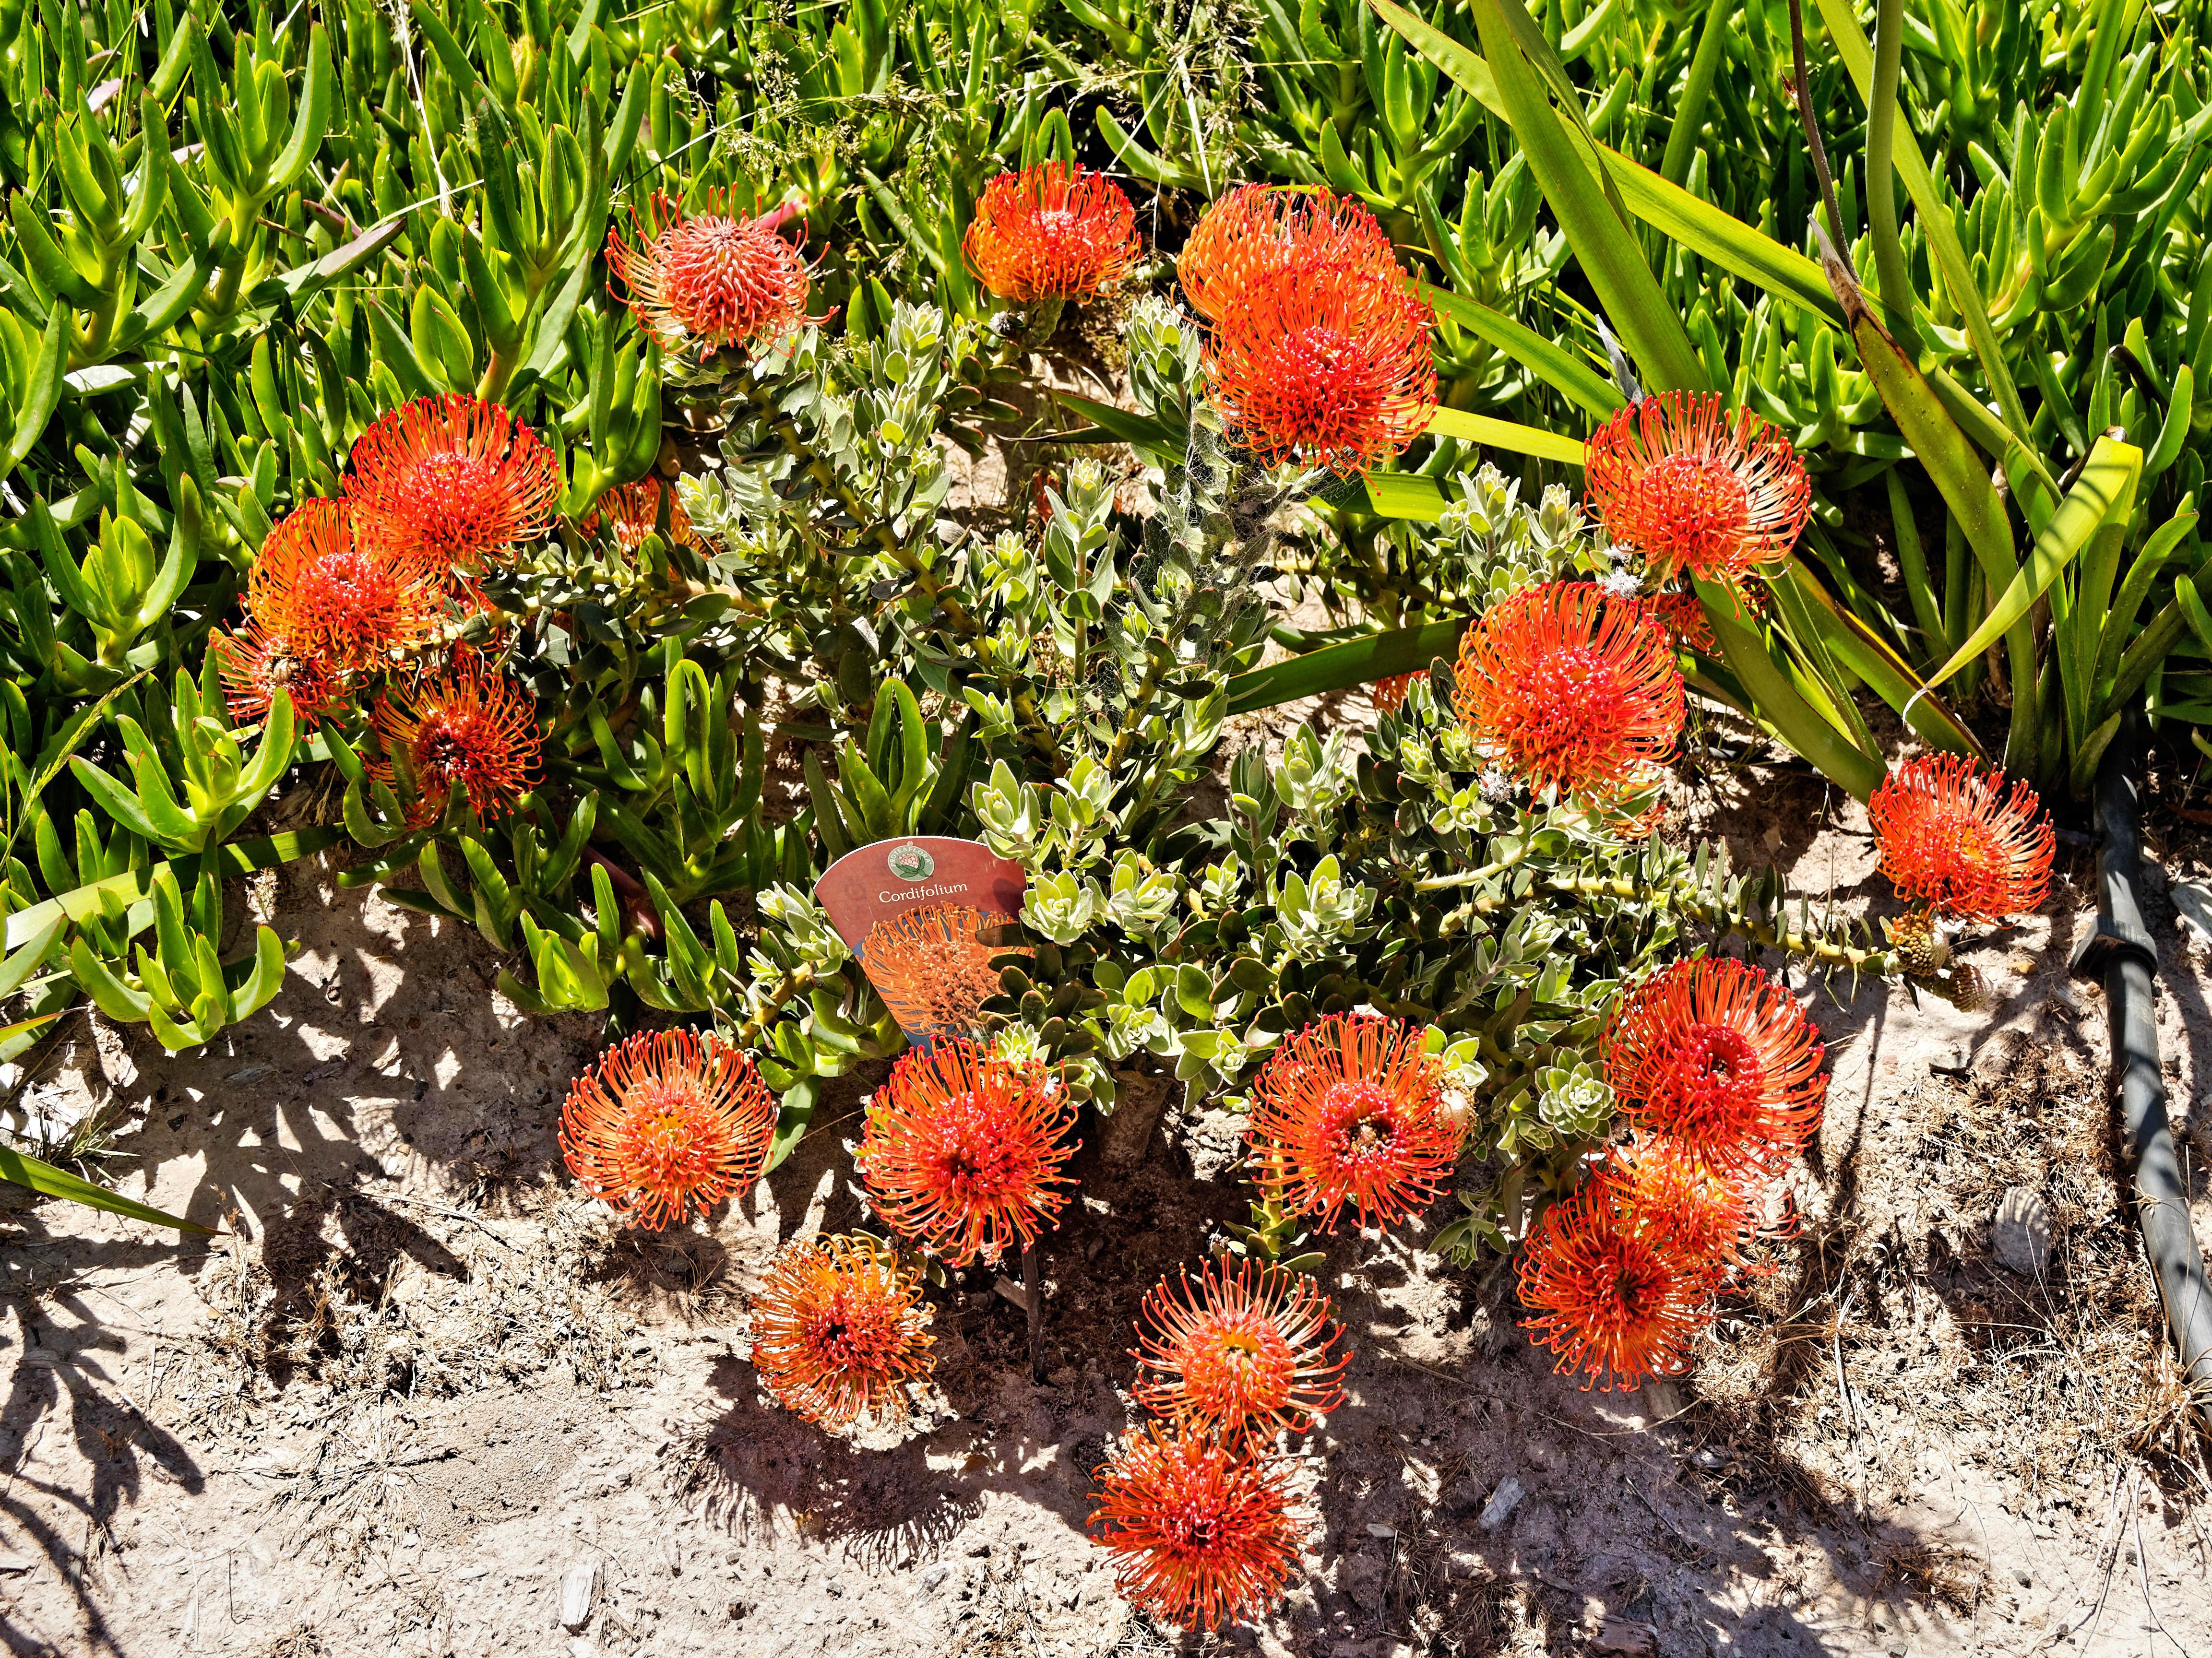 Leucospermum-cordifolium-2.jpeg